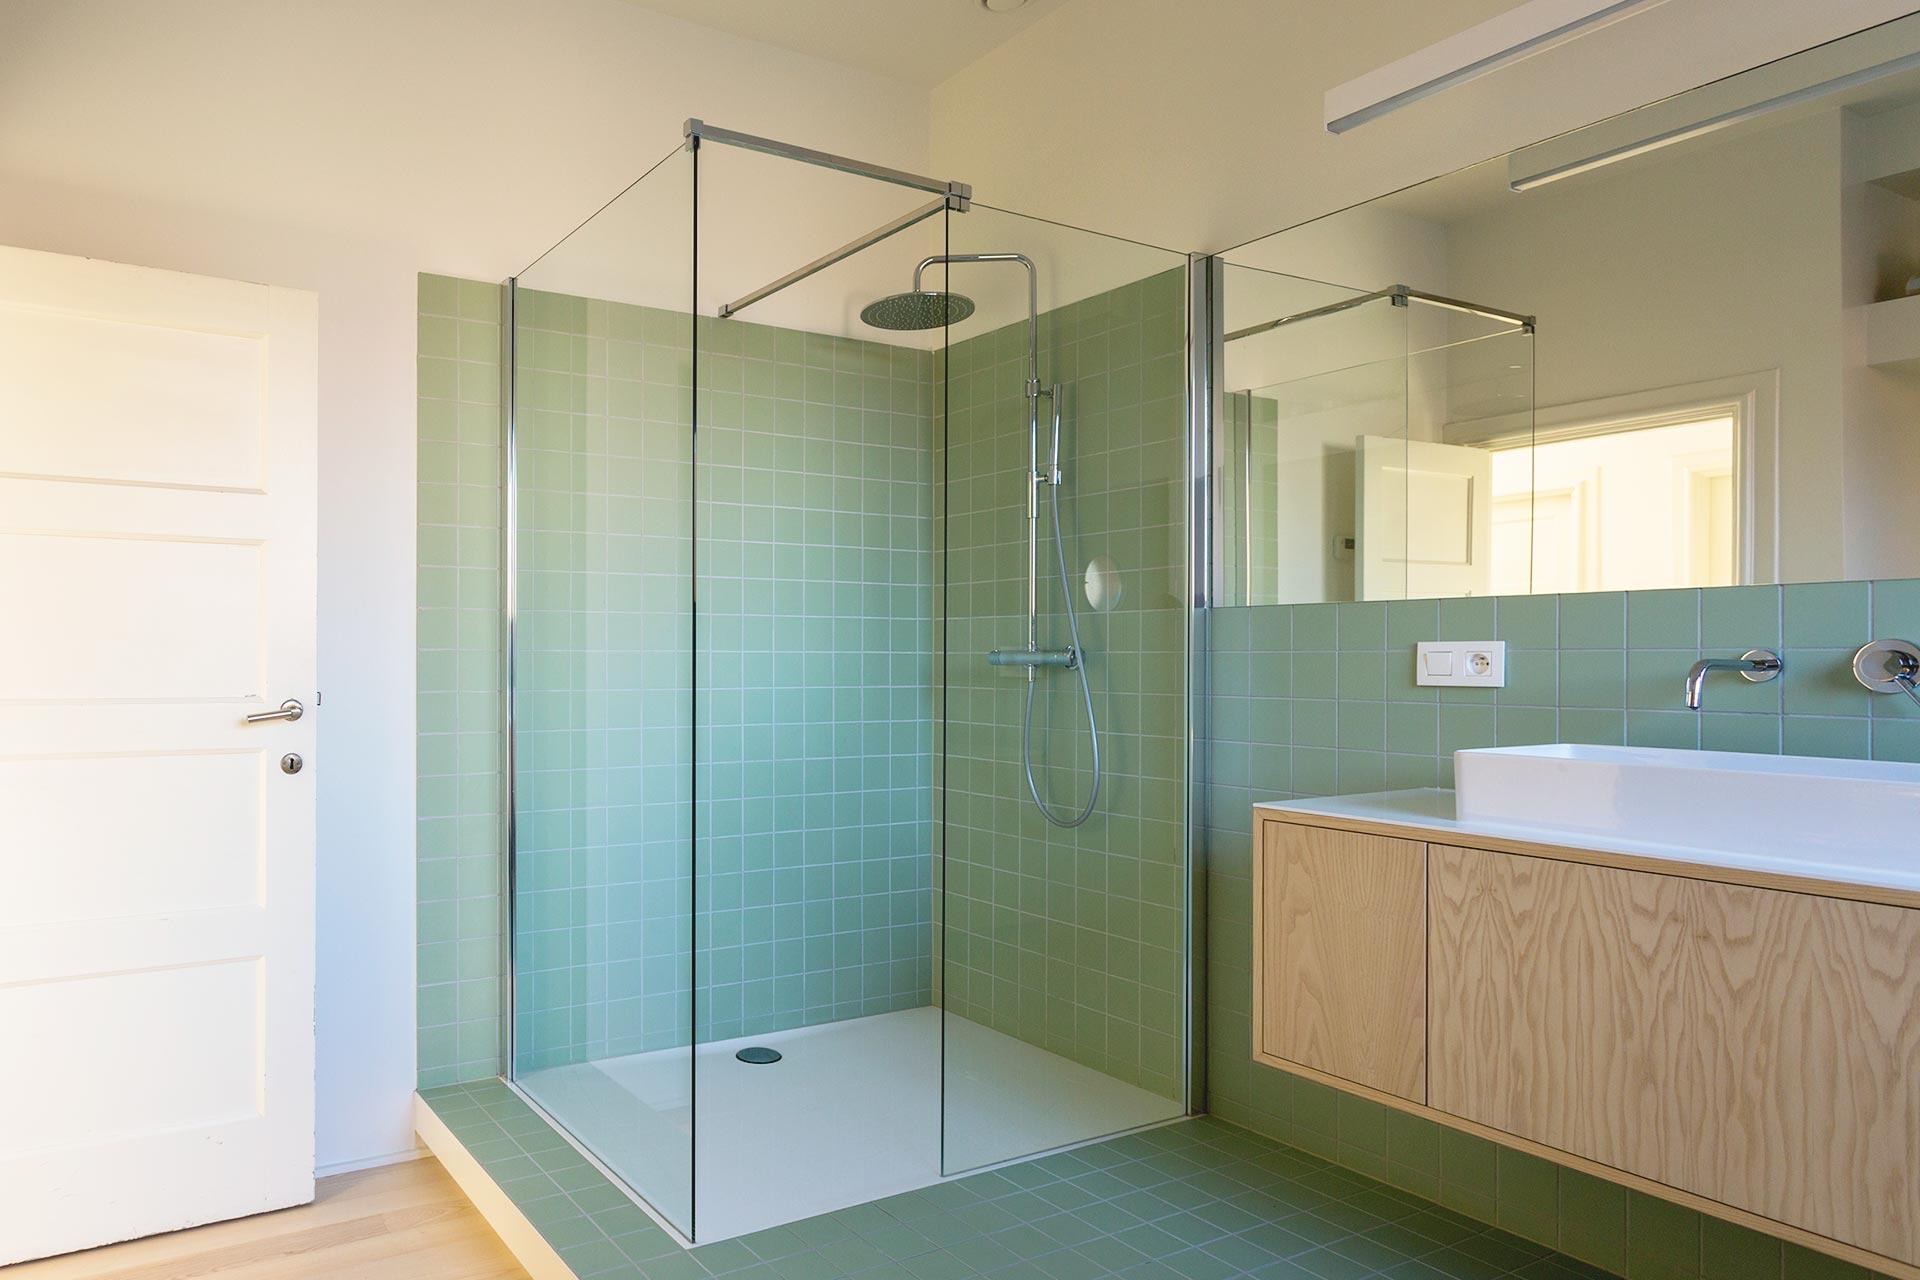 badkamer renovatie 2